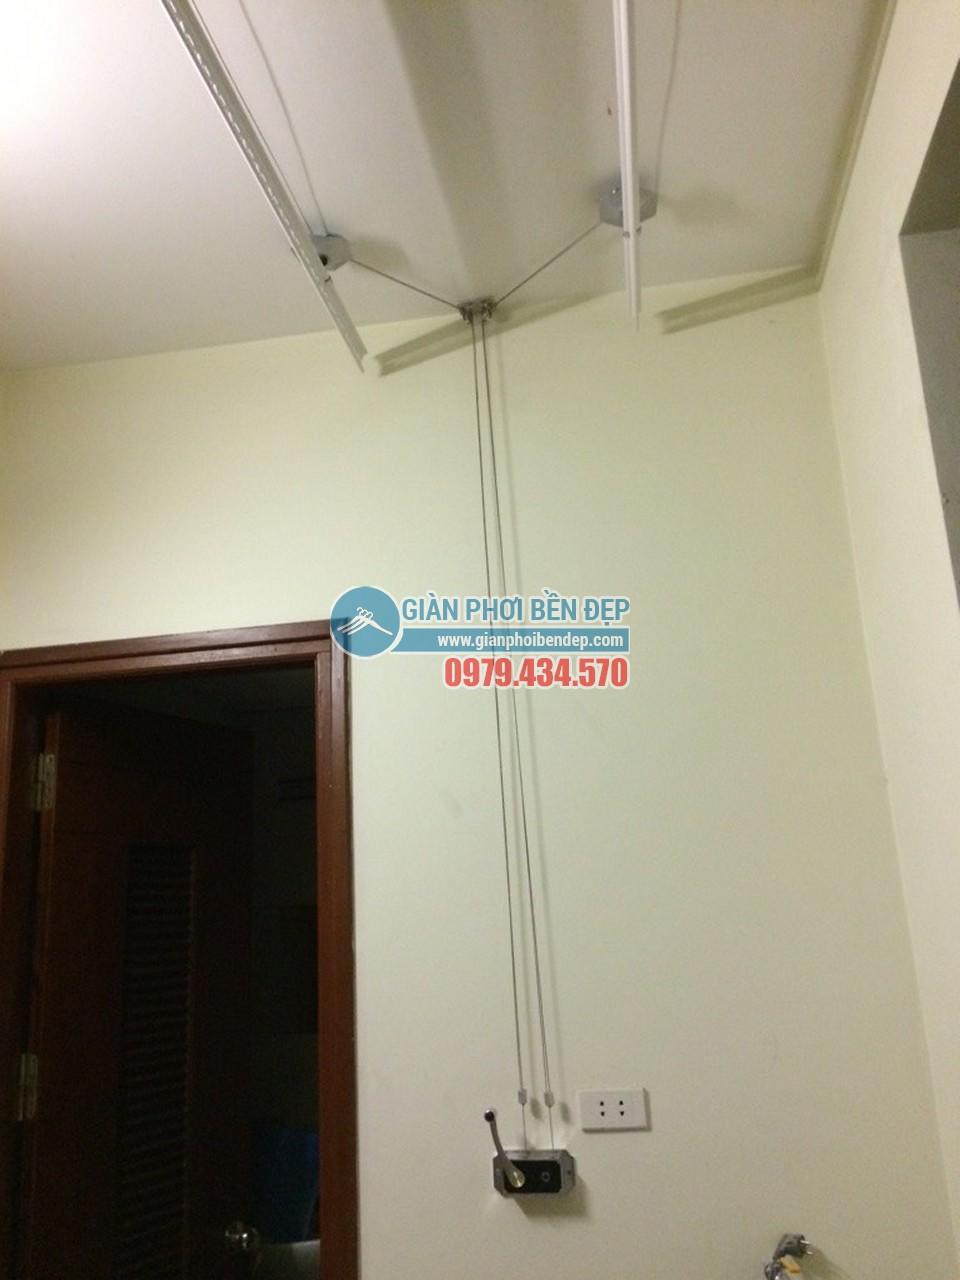 Tiết kiệm không gian nhờ lắp đặt giàn phơi thông minh như nhà chị Huệ, Nguyễn Khang - 03